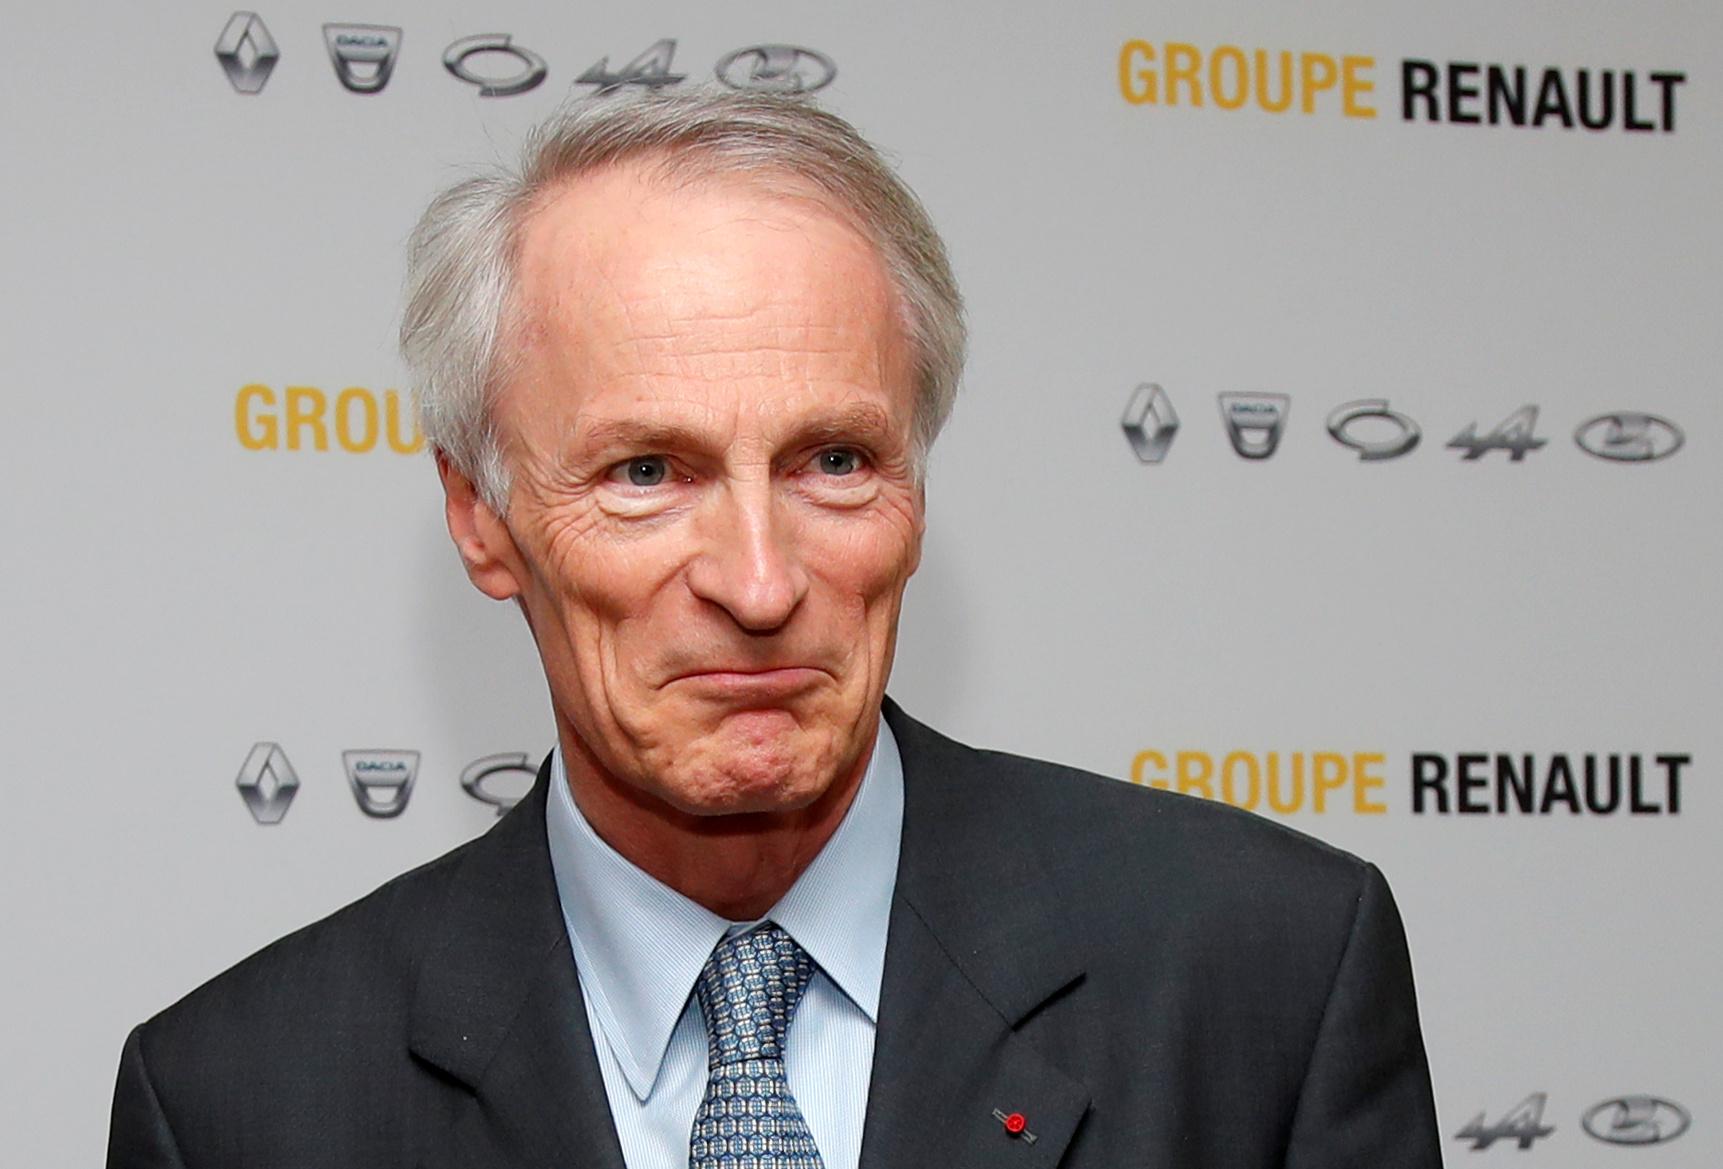 Renault entend quadrupler la production de véhicules électriques en France d'ici 2024, dit Senard